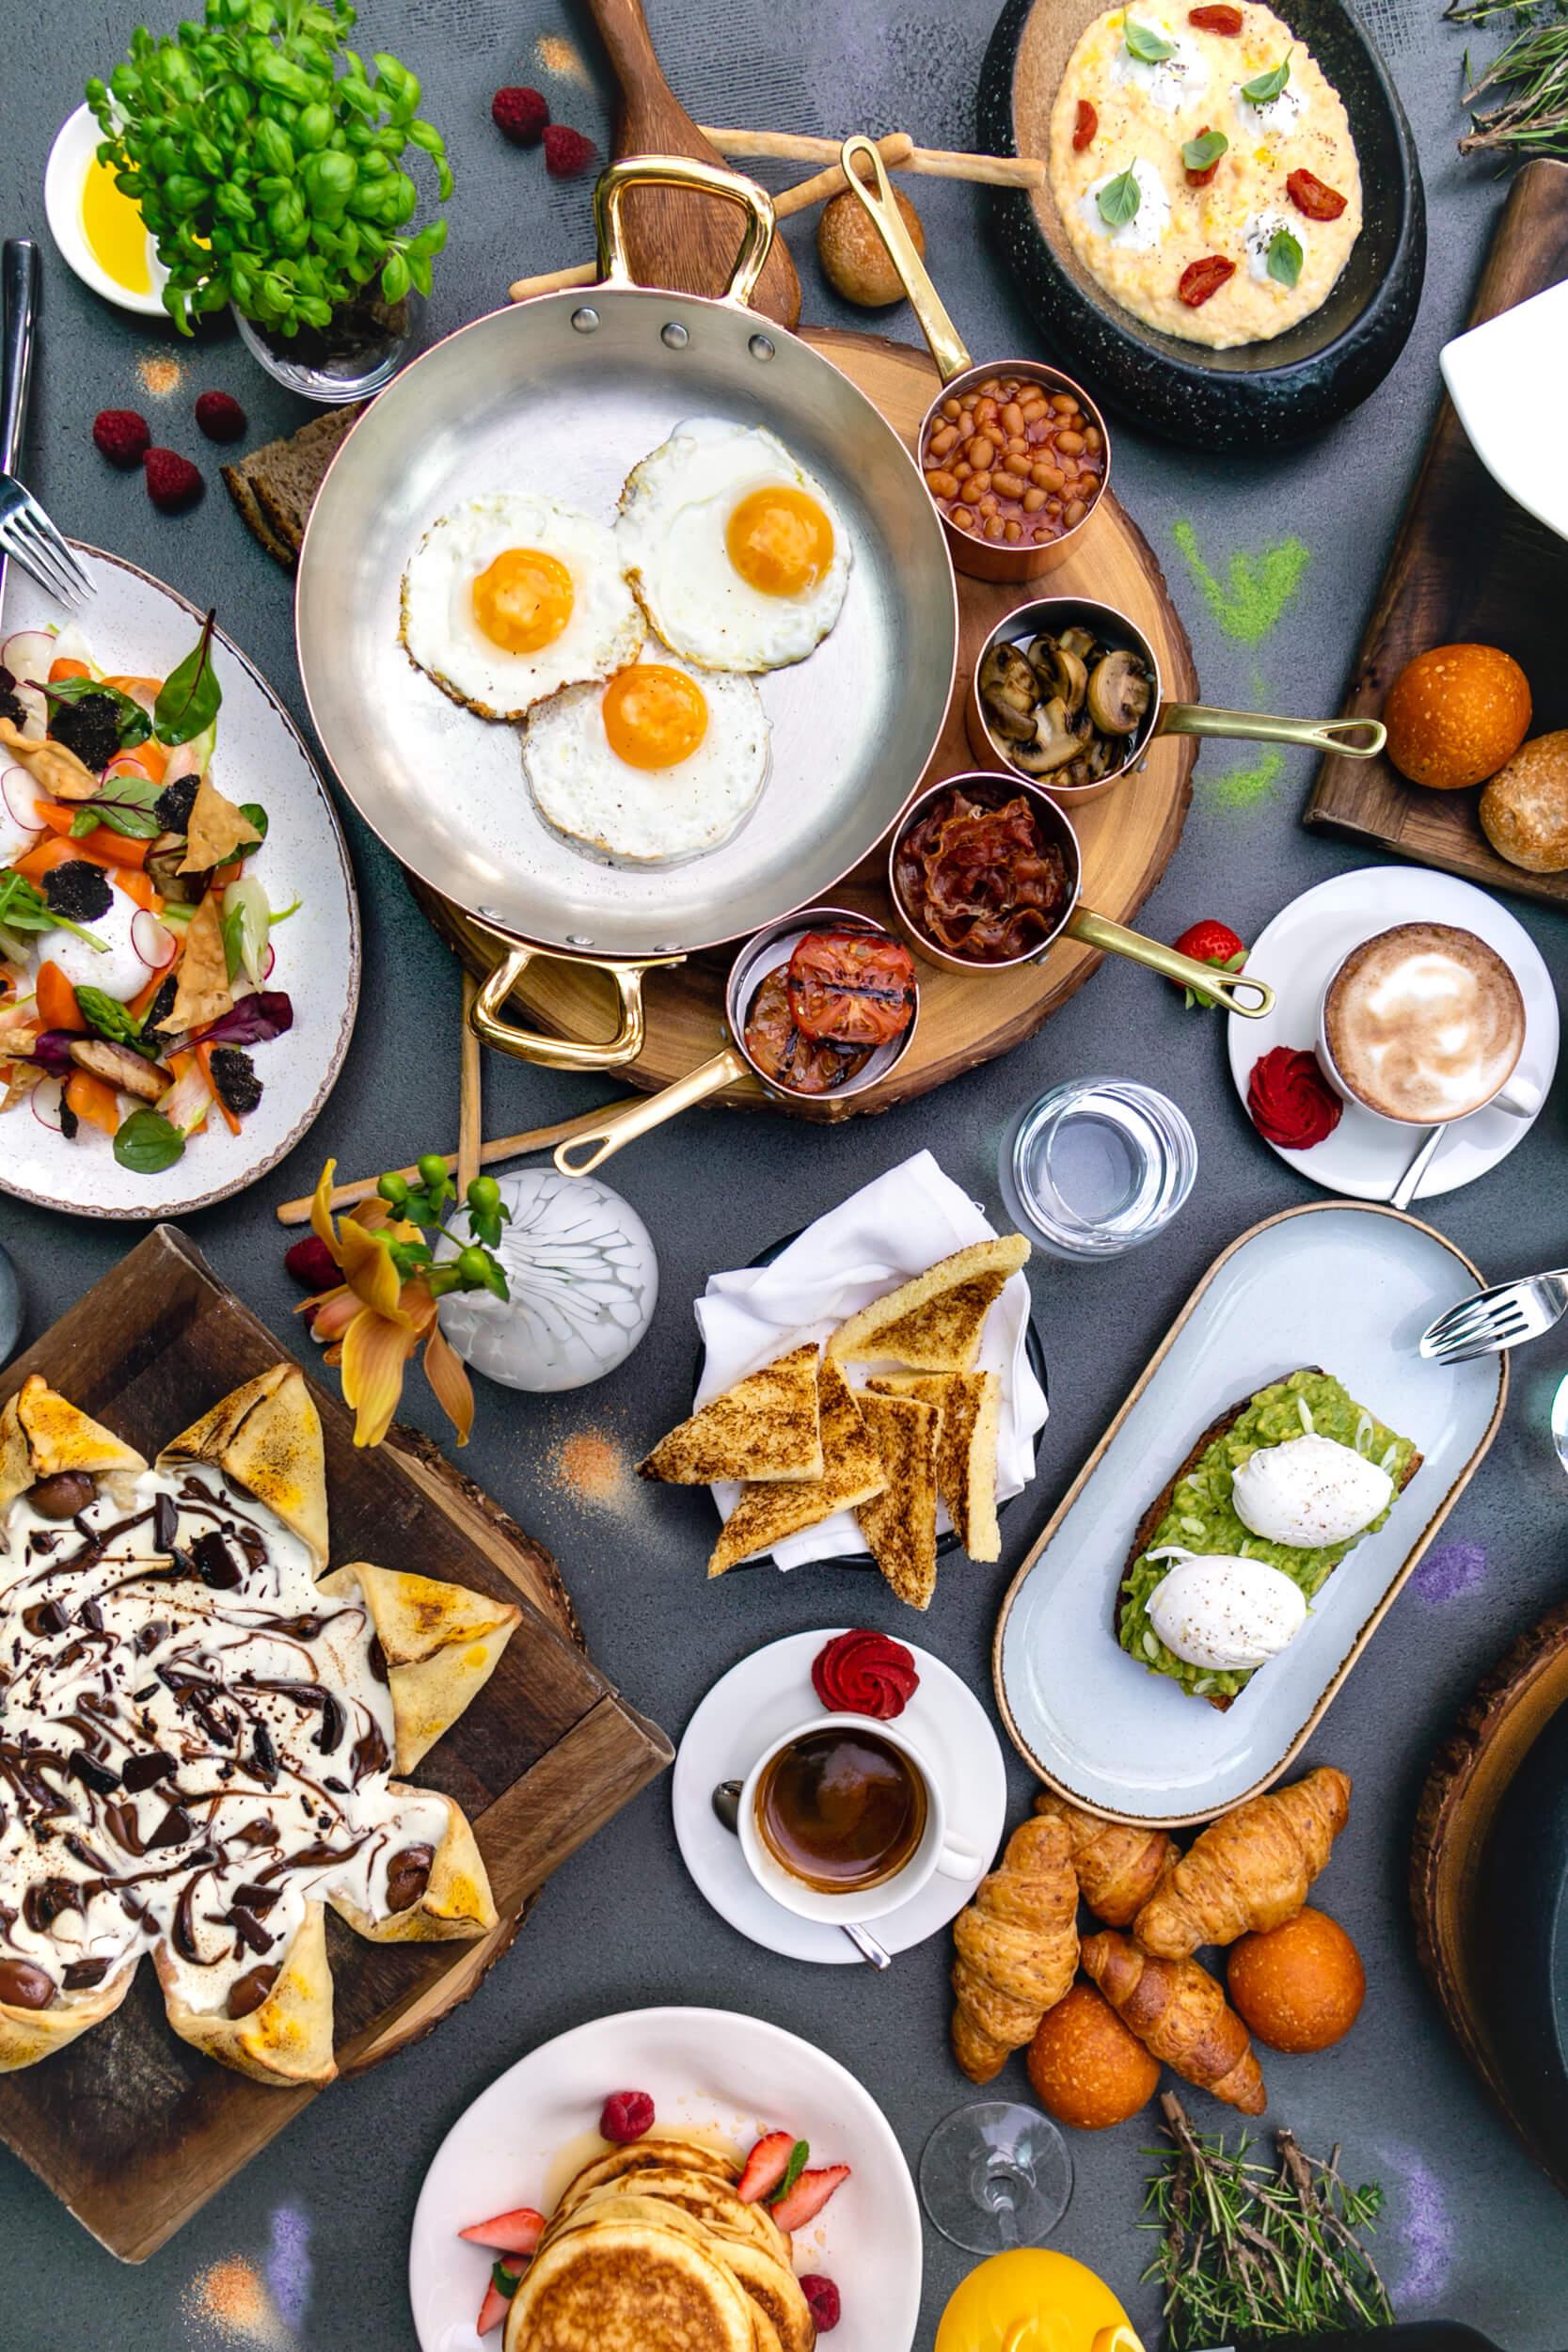 مطعم ولاونجروبيرتوز أبوظبي يقدم تجربة إفطار وغذاء جديدة